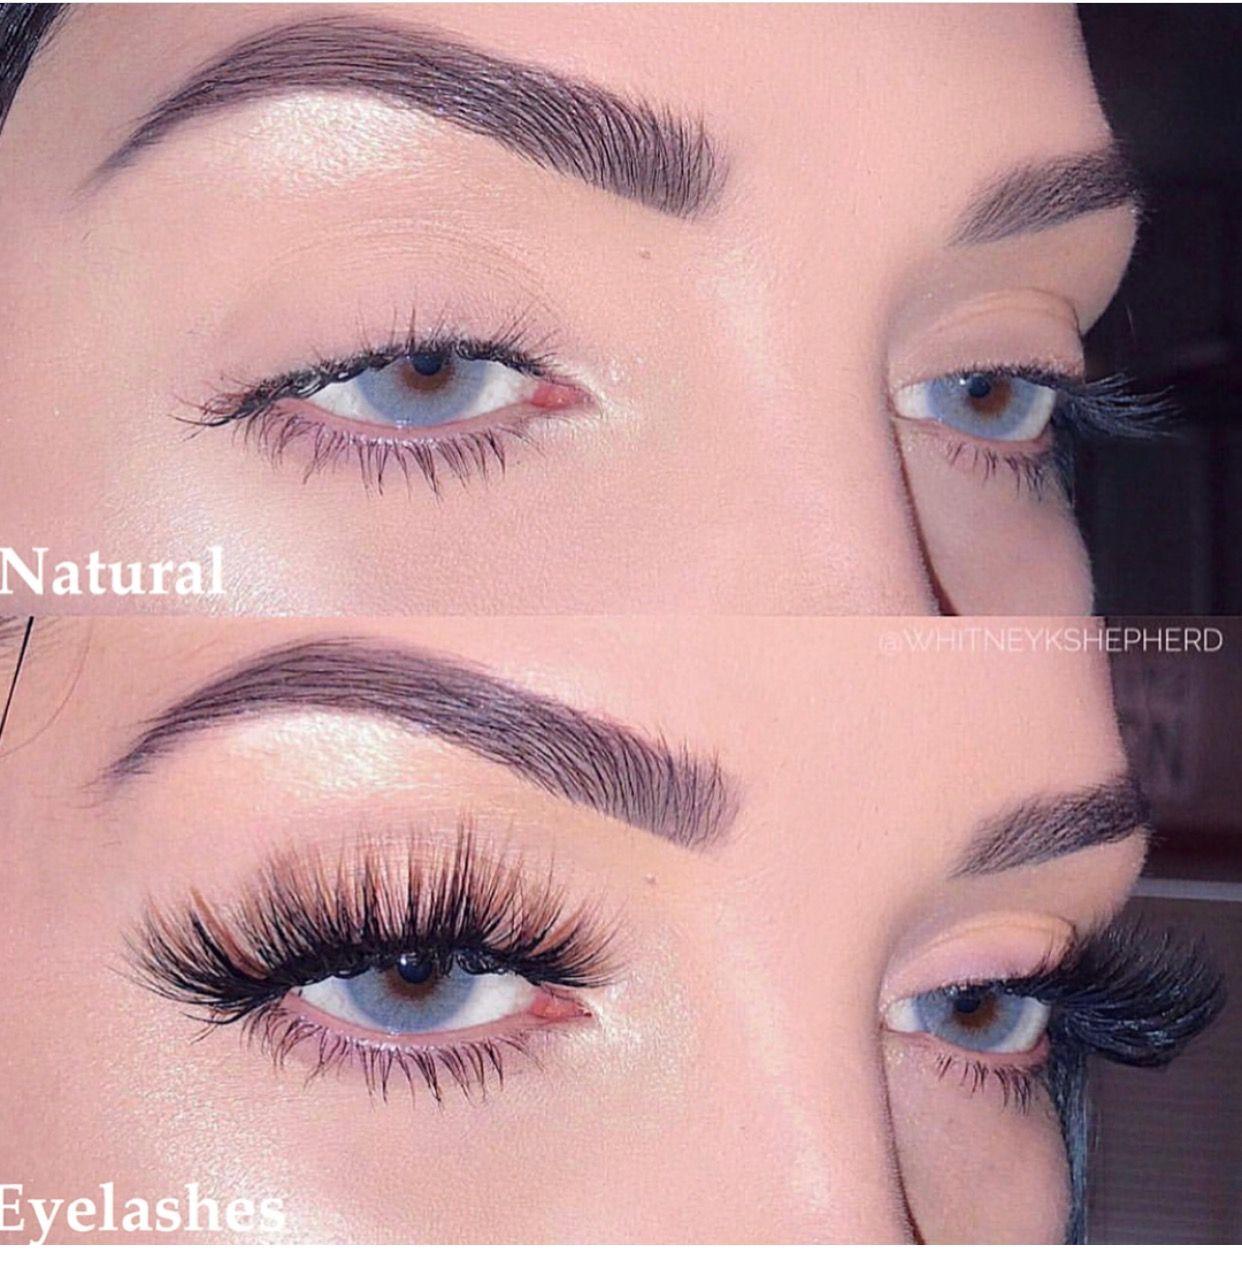 ᵛᴬᴿᵀᴬᴾ Mascara, Eyelashes, Makeup eyelashes